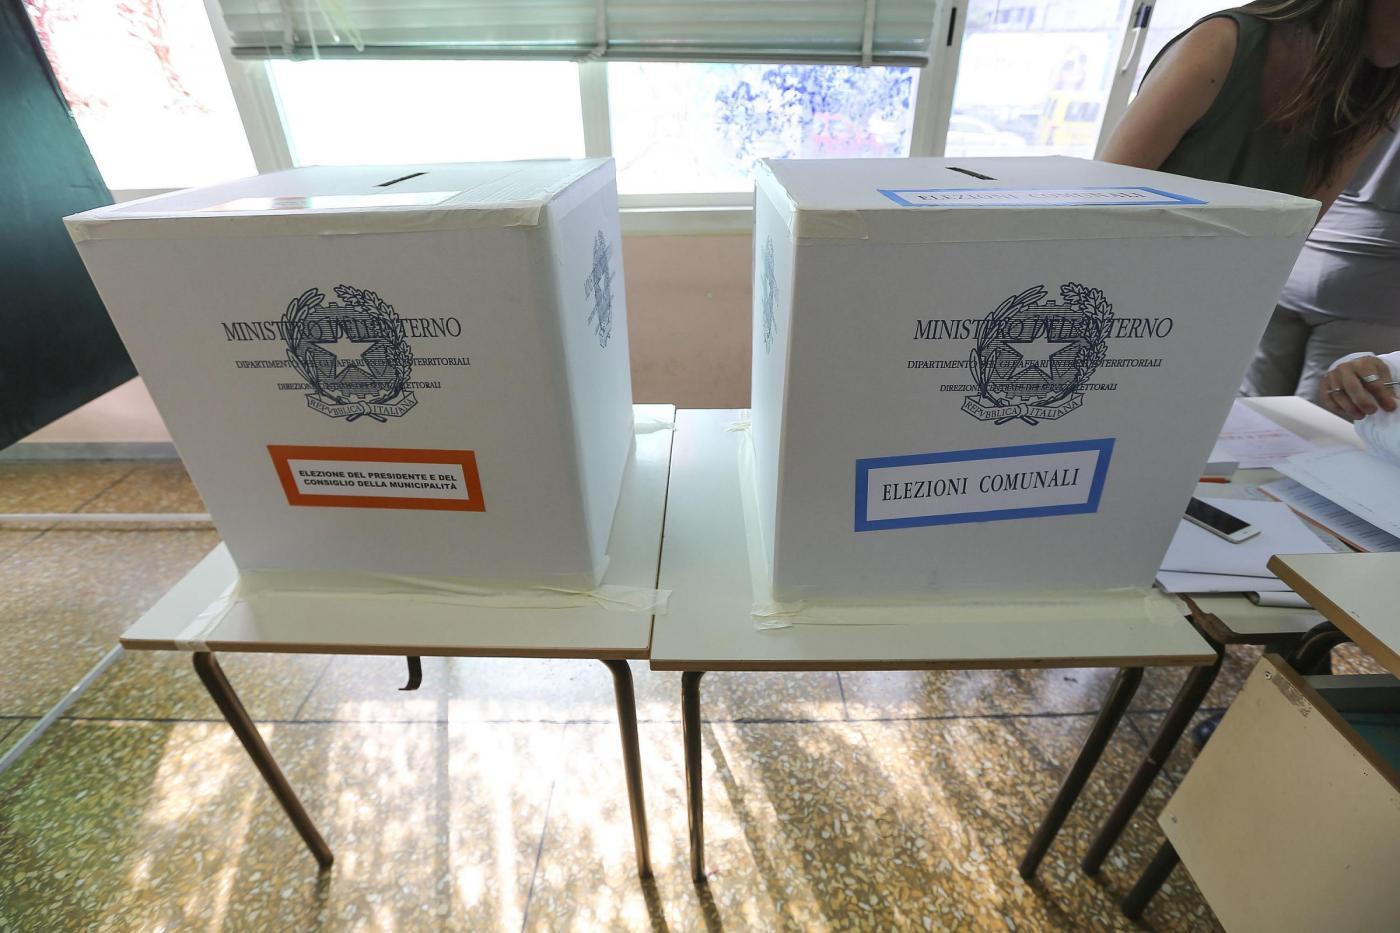 Elezioni Comunali a Napoli